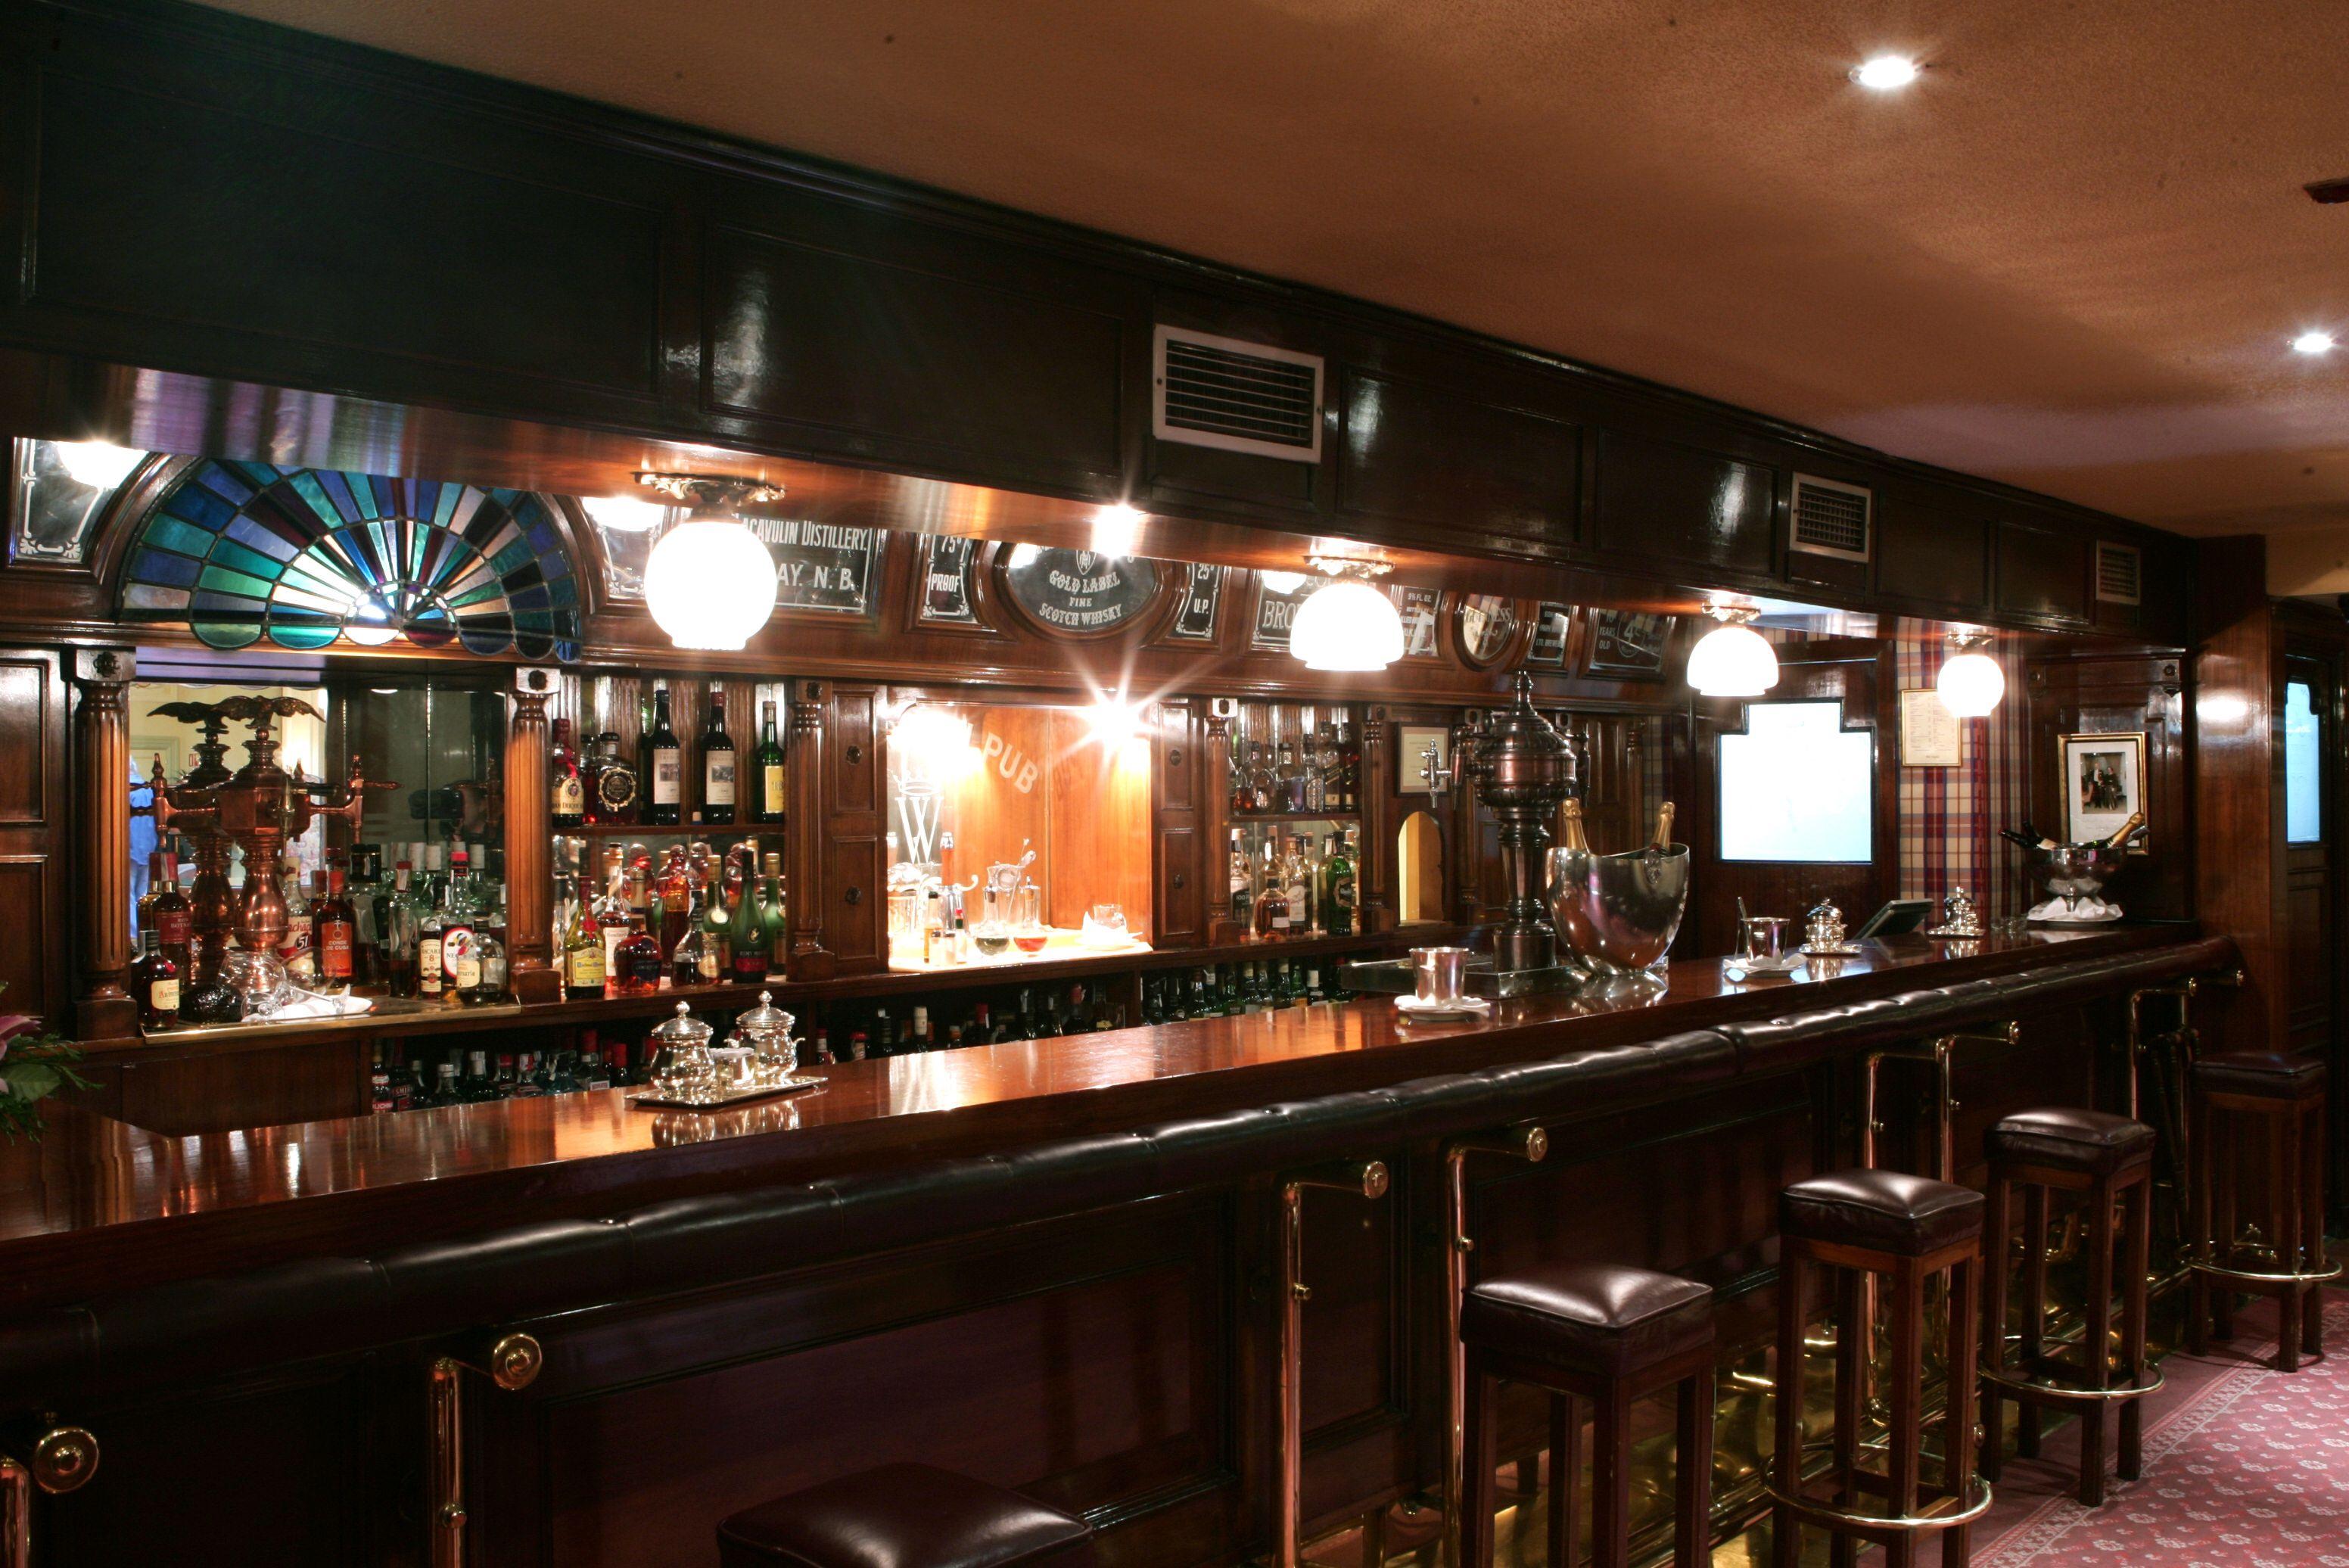 Bar Ingles Wellington Ubicado En El Hall Principal Del Hotel Ambiente Perfecto Para Reuniones De Amigos De Trabajo Decoracion Pub Barra De Bar Hotel